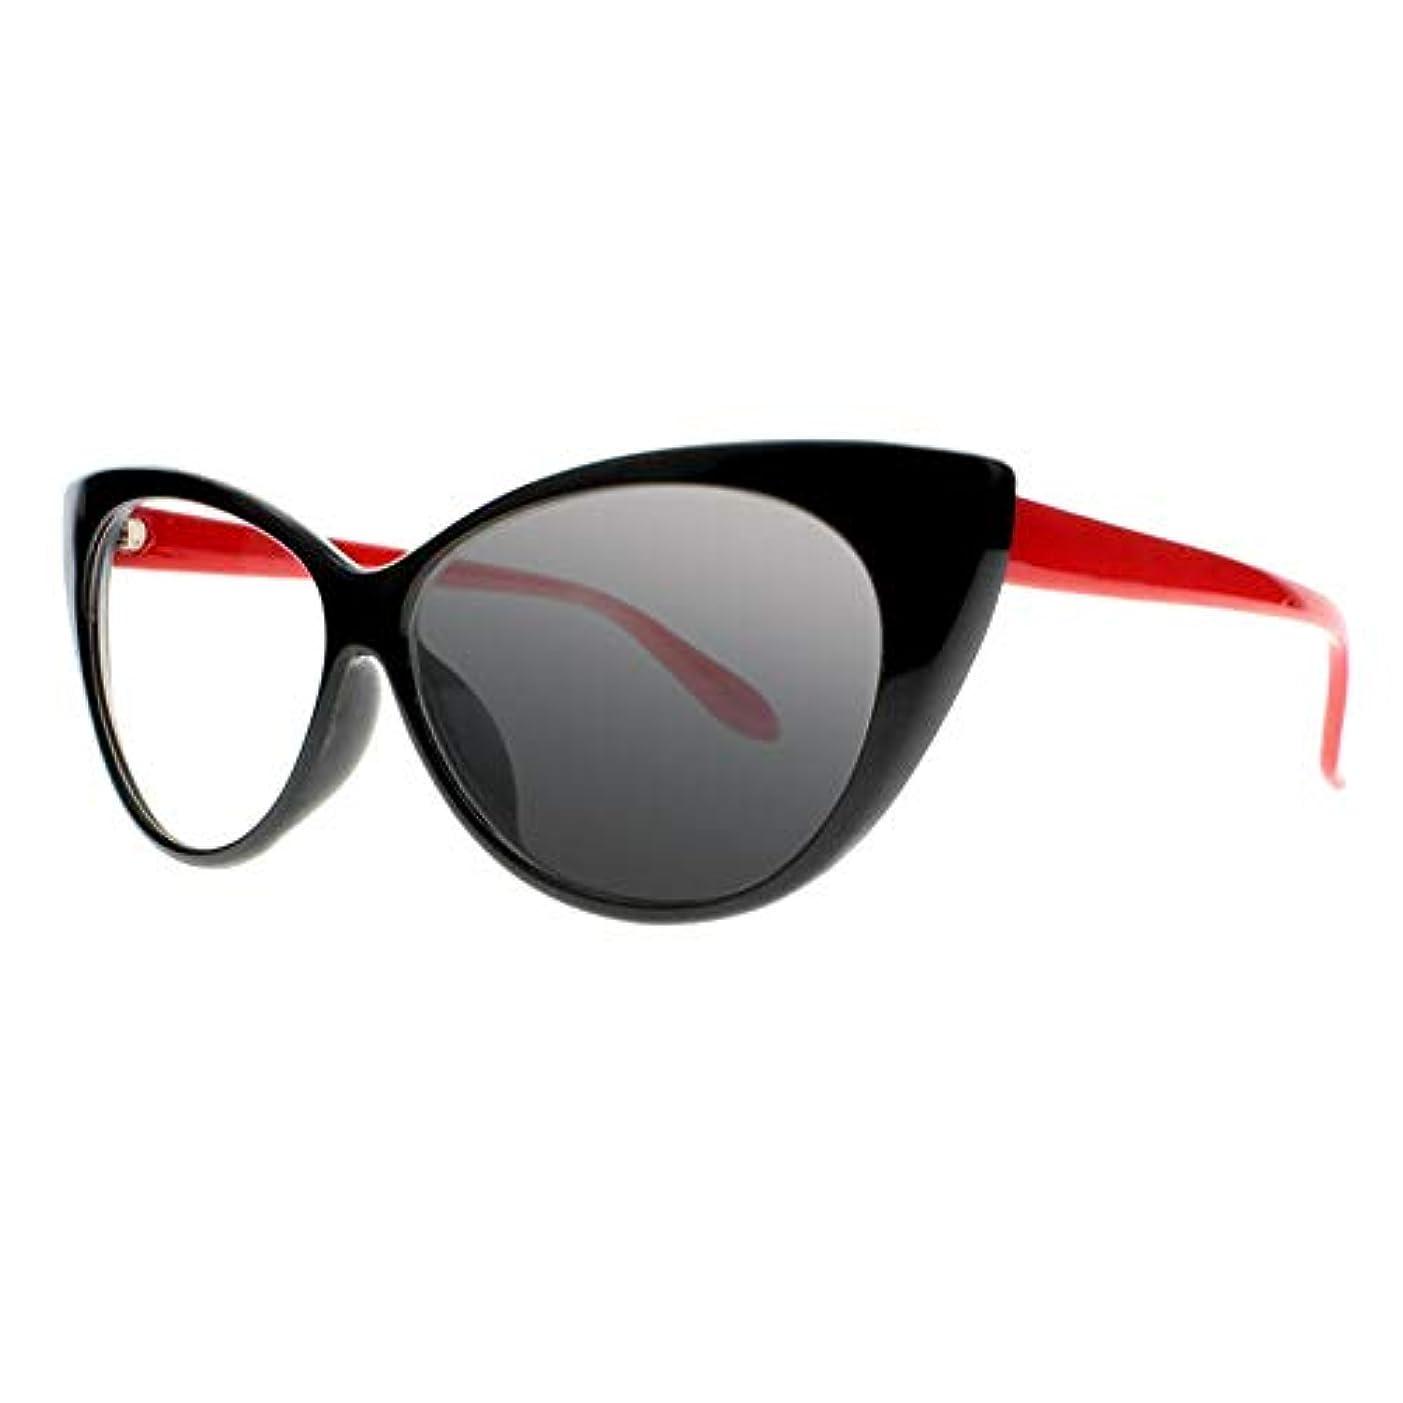 アレキサンダーグラハムベル第二に週末FidgetGear 女性トランジションフォトクロミックサングラスリーダー老眼鏡+1.0?+4.0新 赤